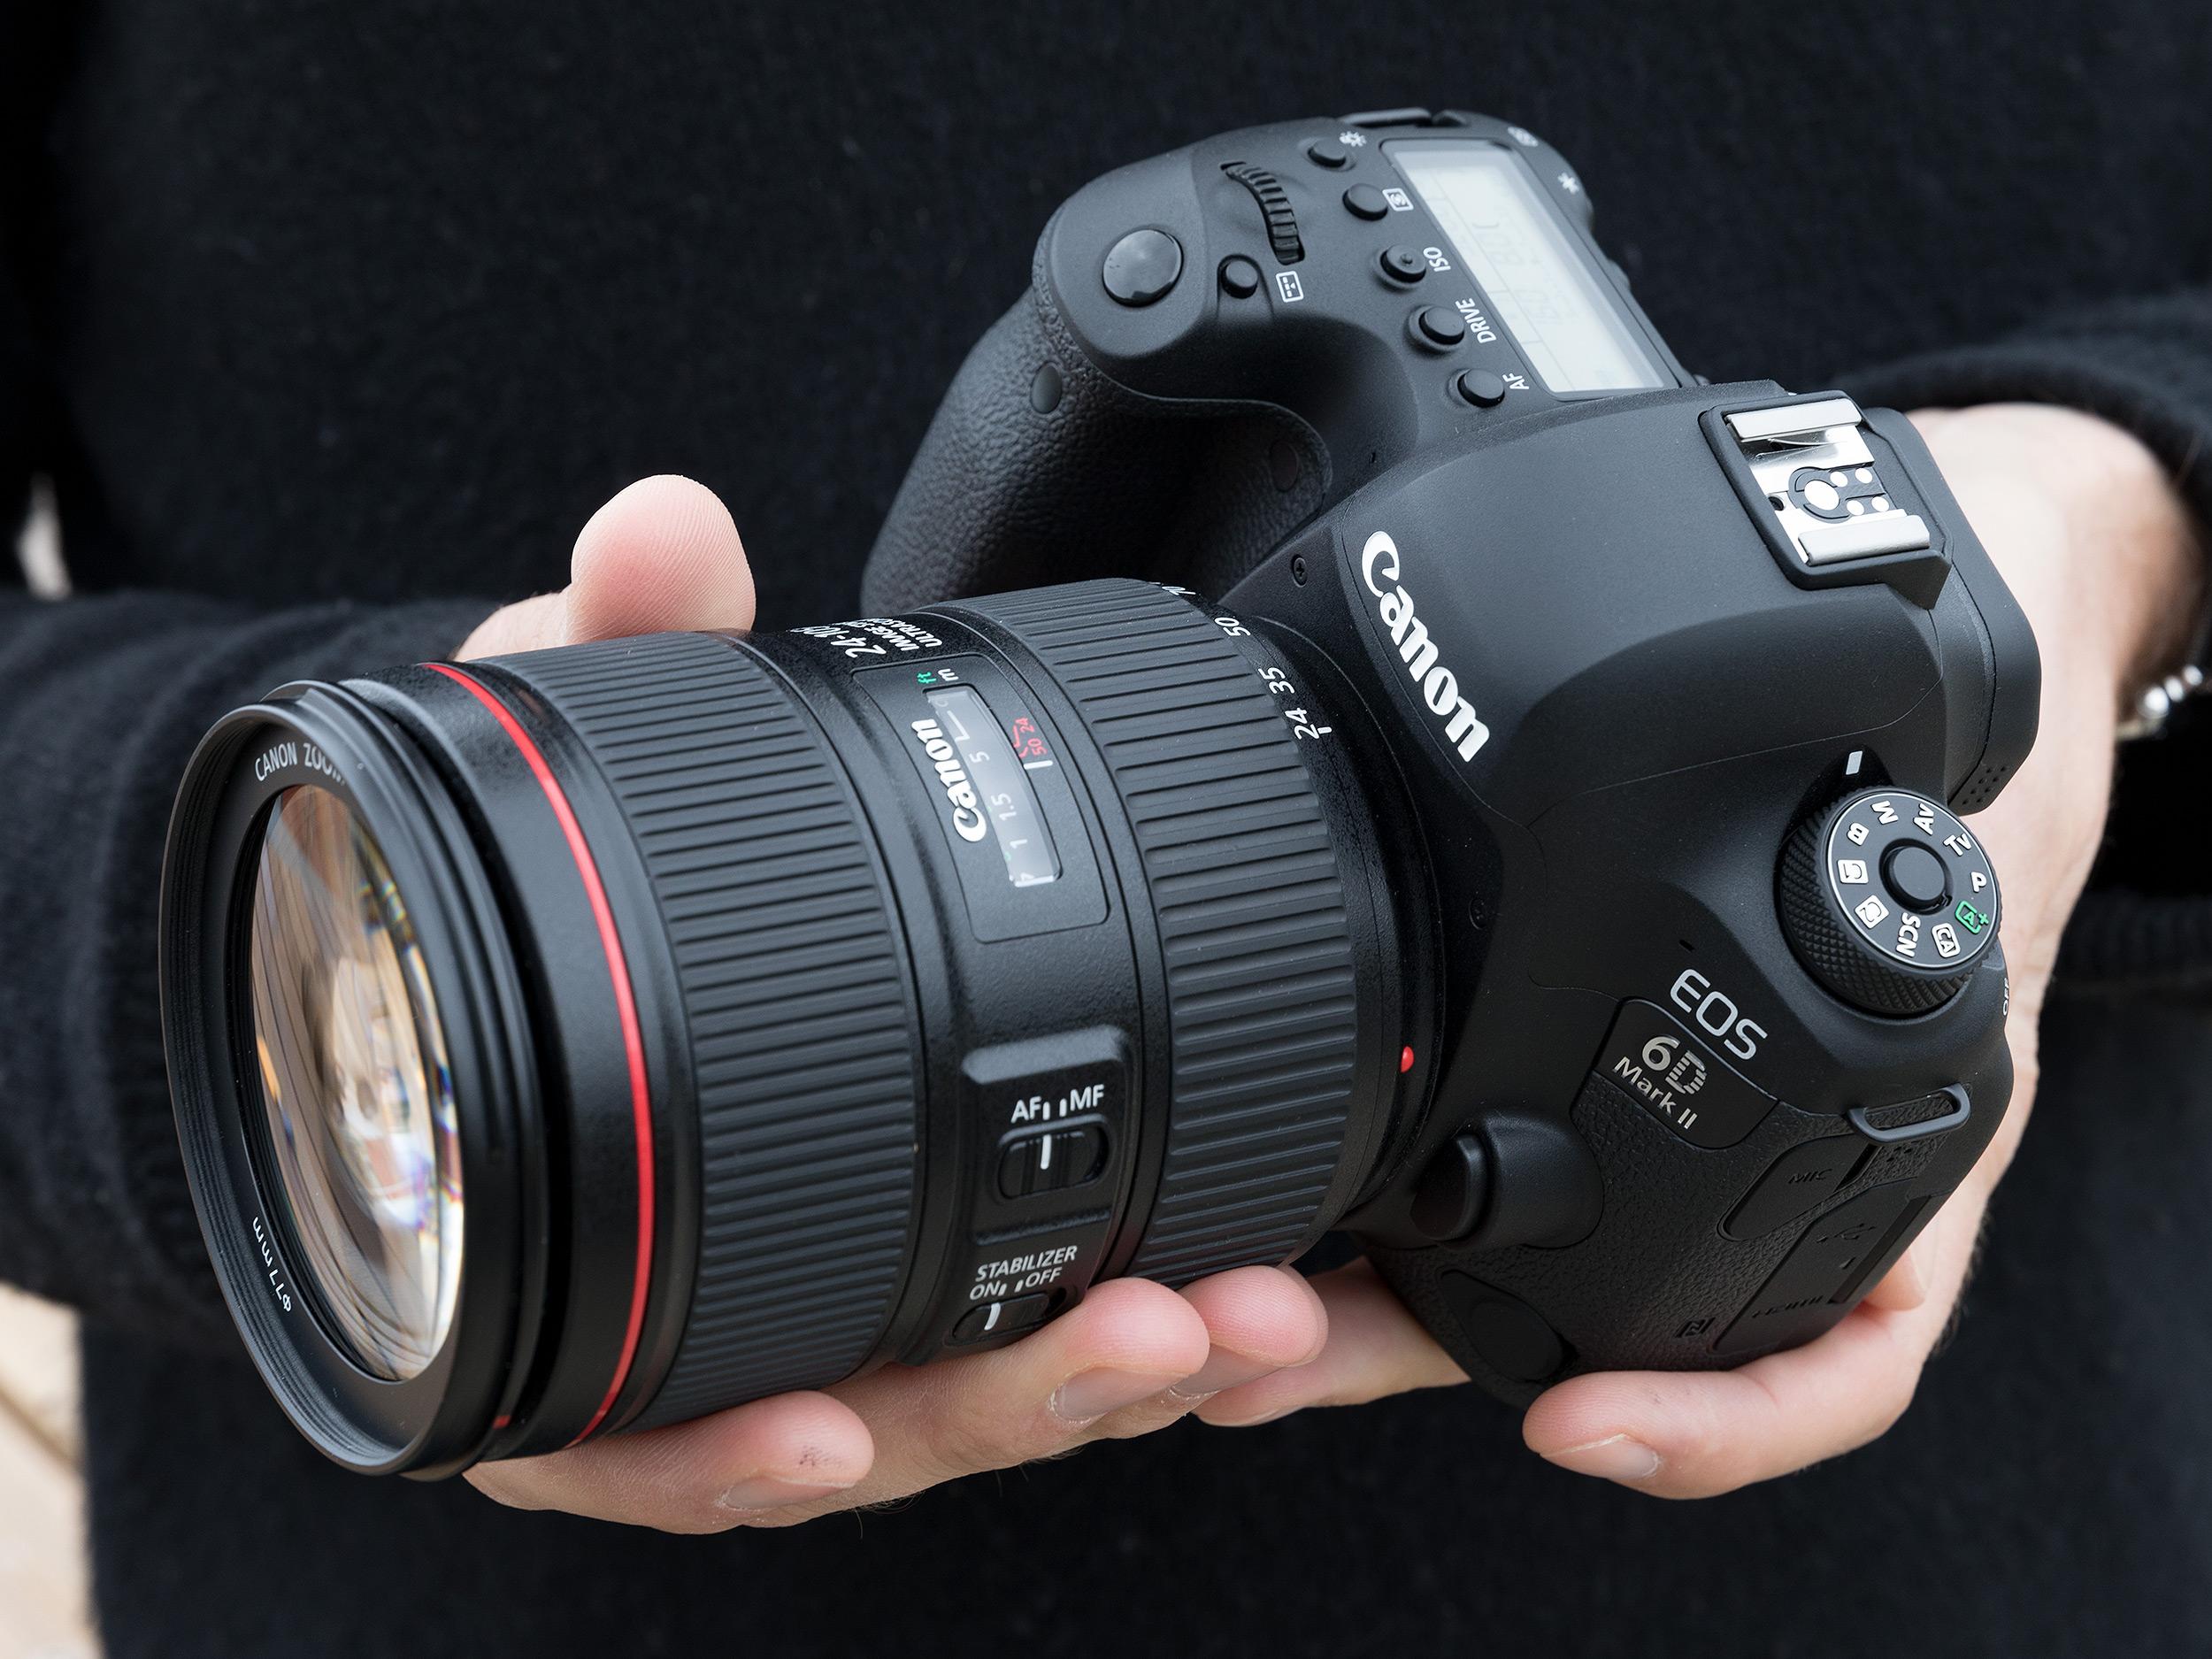 Meet the EOS 6D Mark II - Canon\'s entry-level full-frame DSLR ...